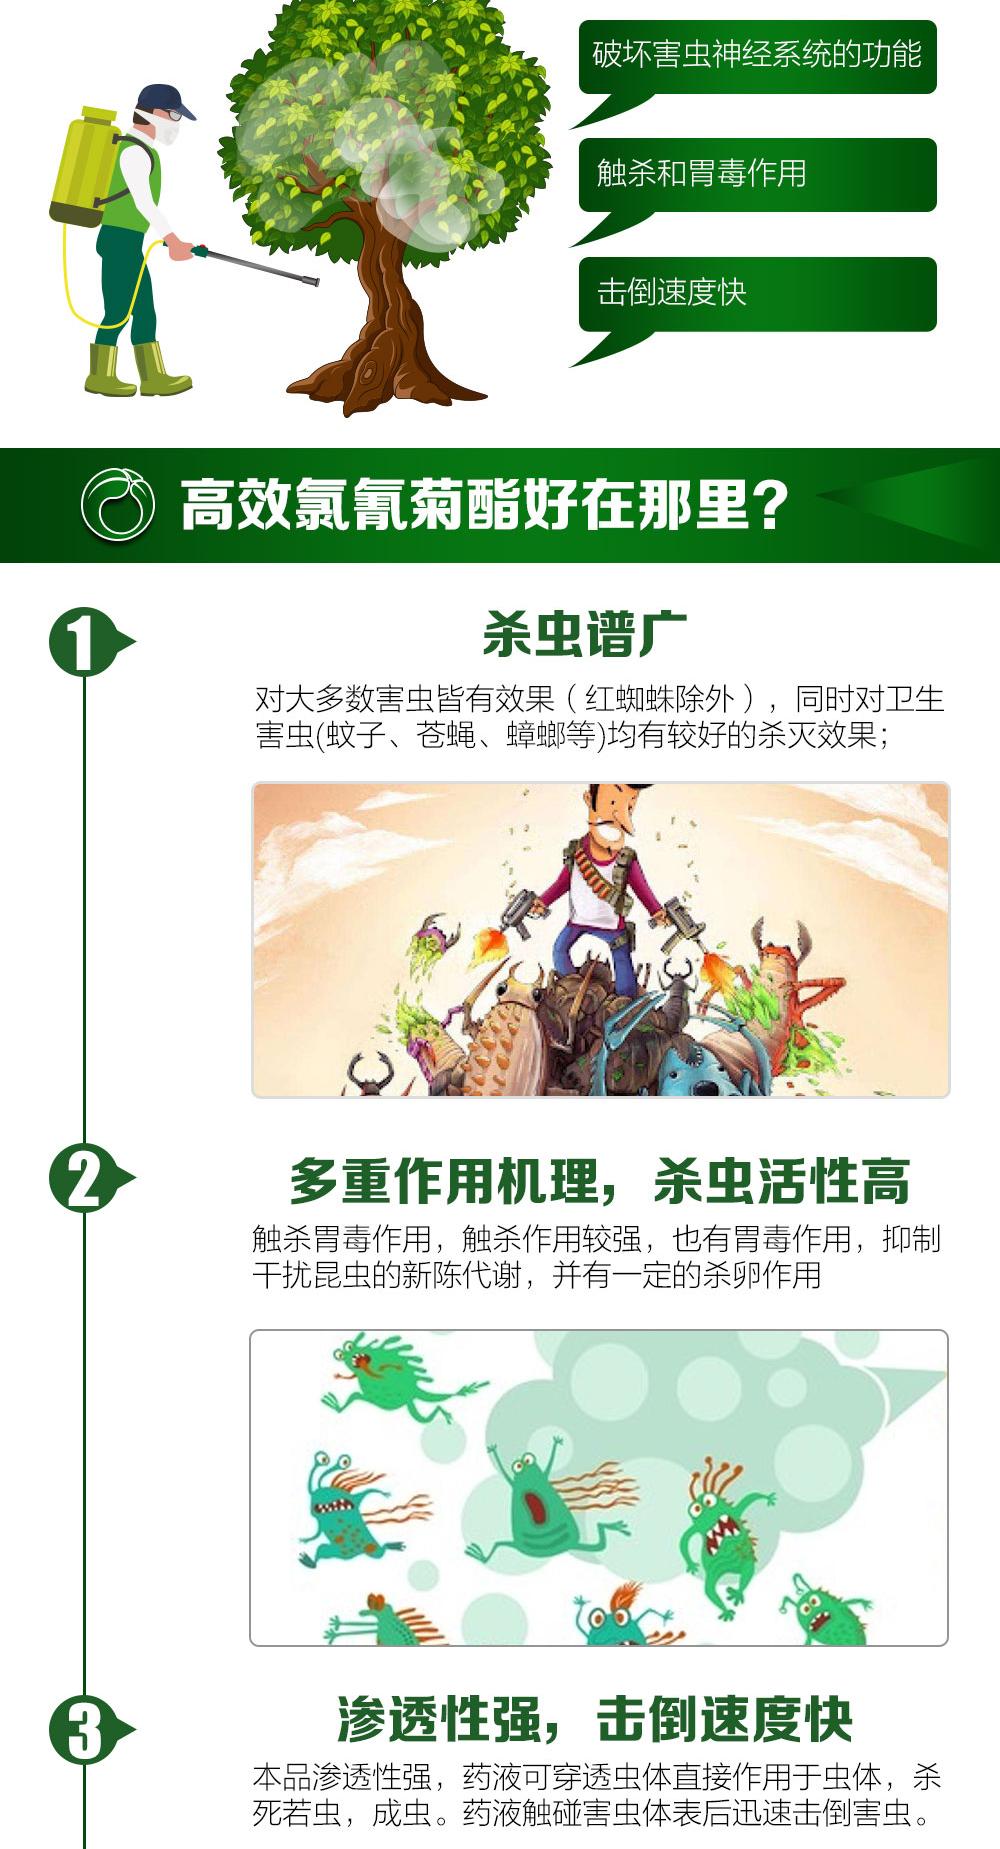 上海沪联红高氯4_02.jpg